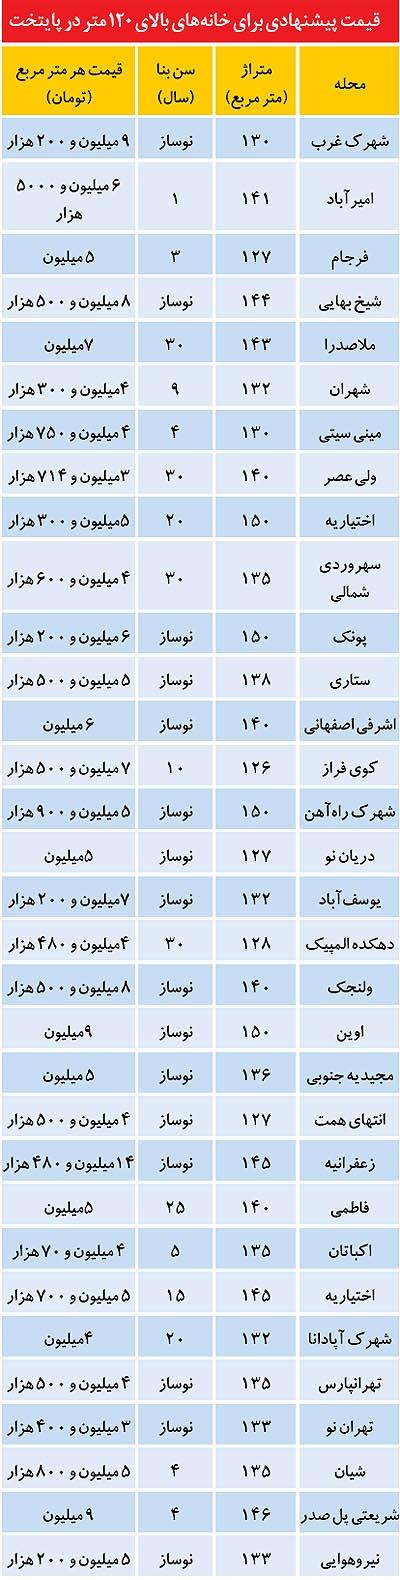 جدول+ قیمت آپارتمانهای متراژ بزرگ در تهران